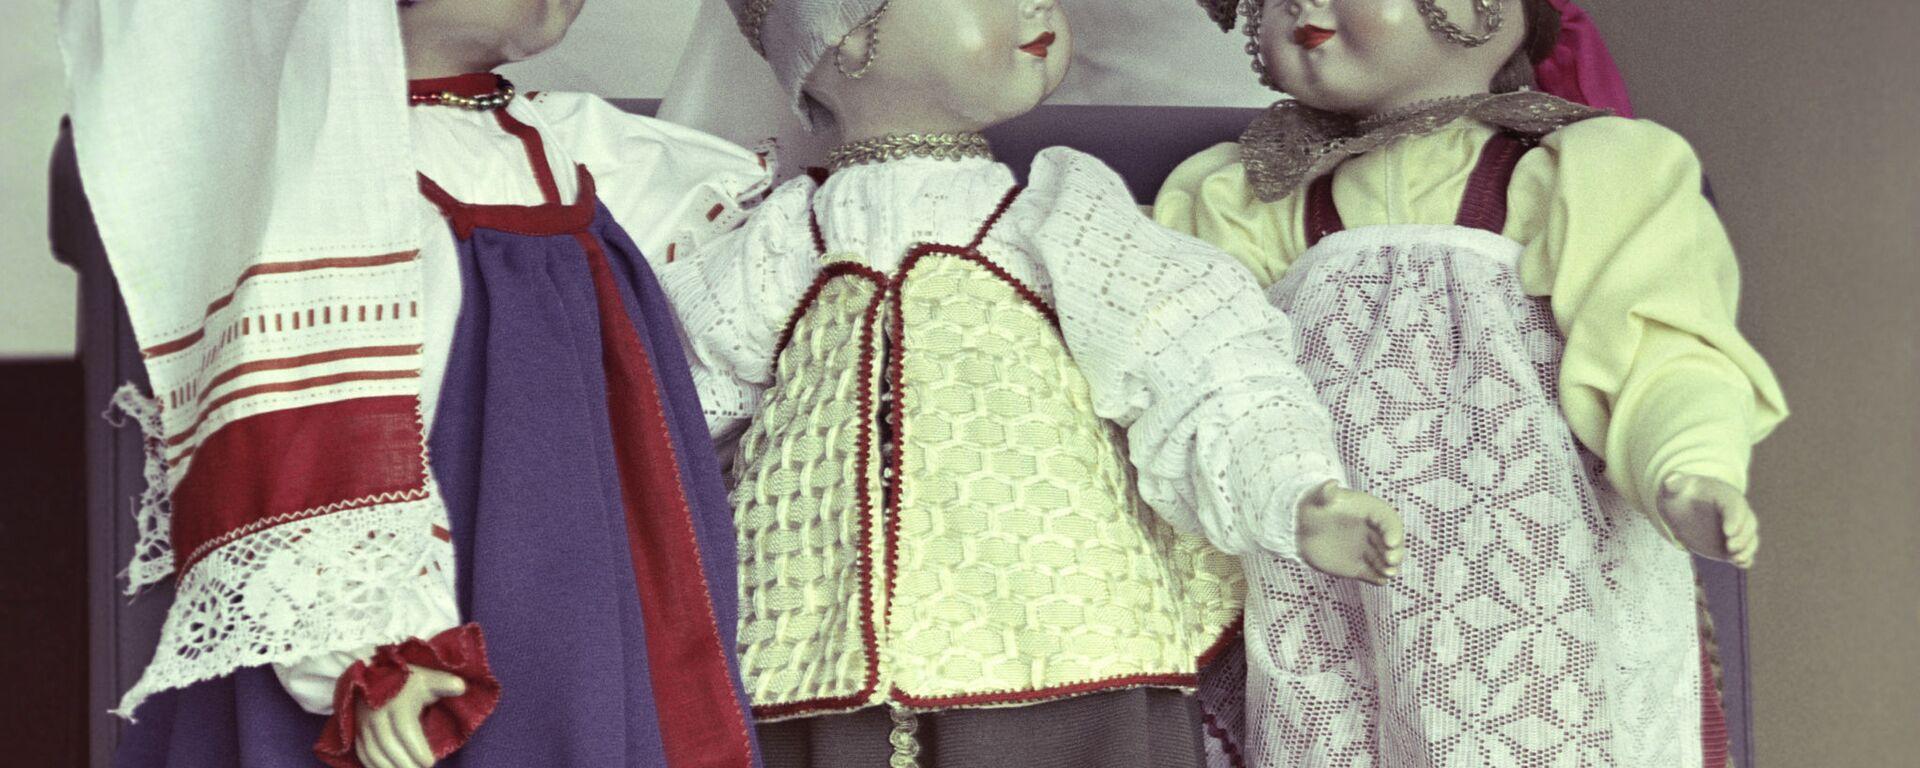 Куклы в национальных костюмах - Sputnik Узбекистан, 1920, 15.09.2021